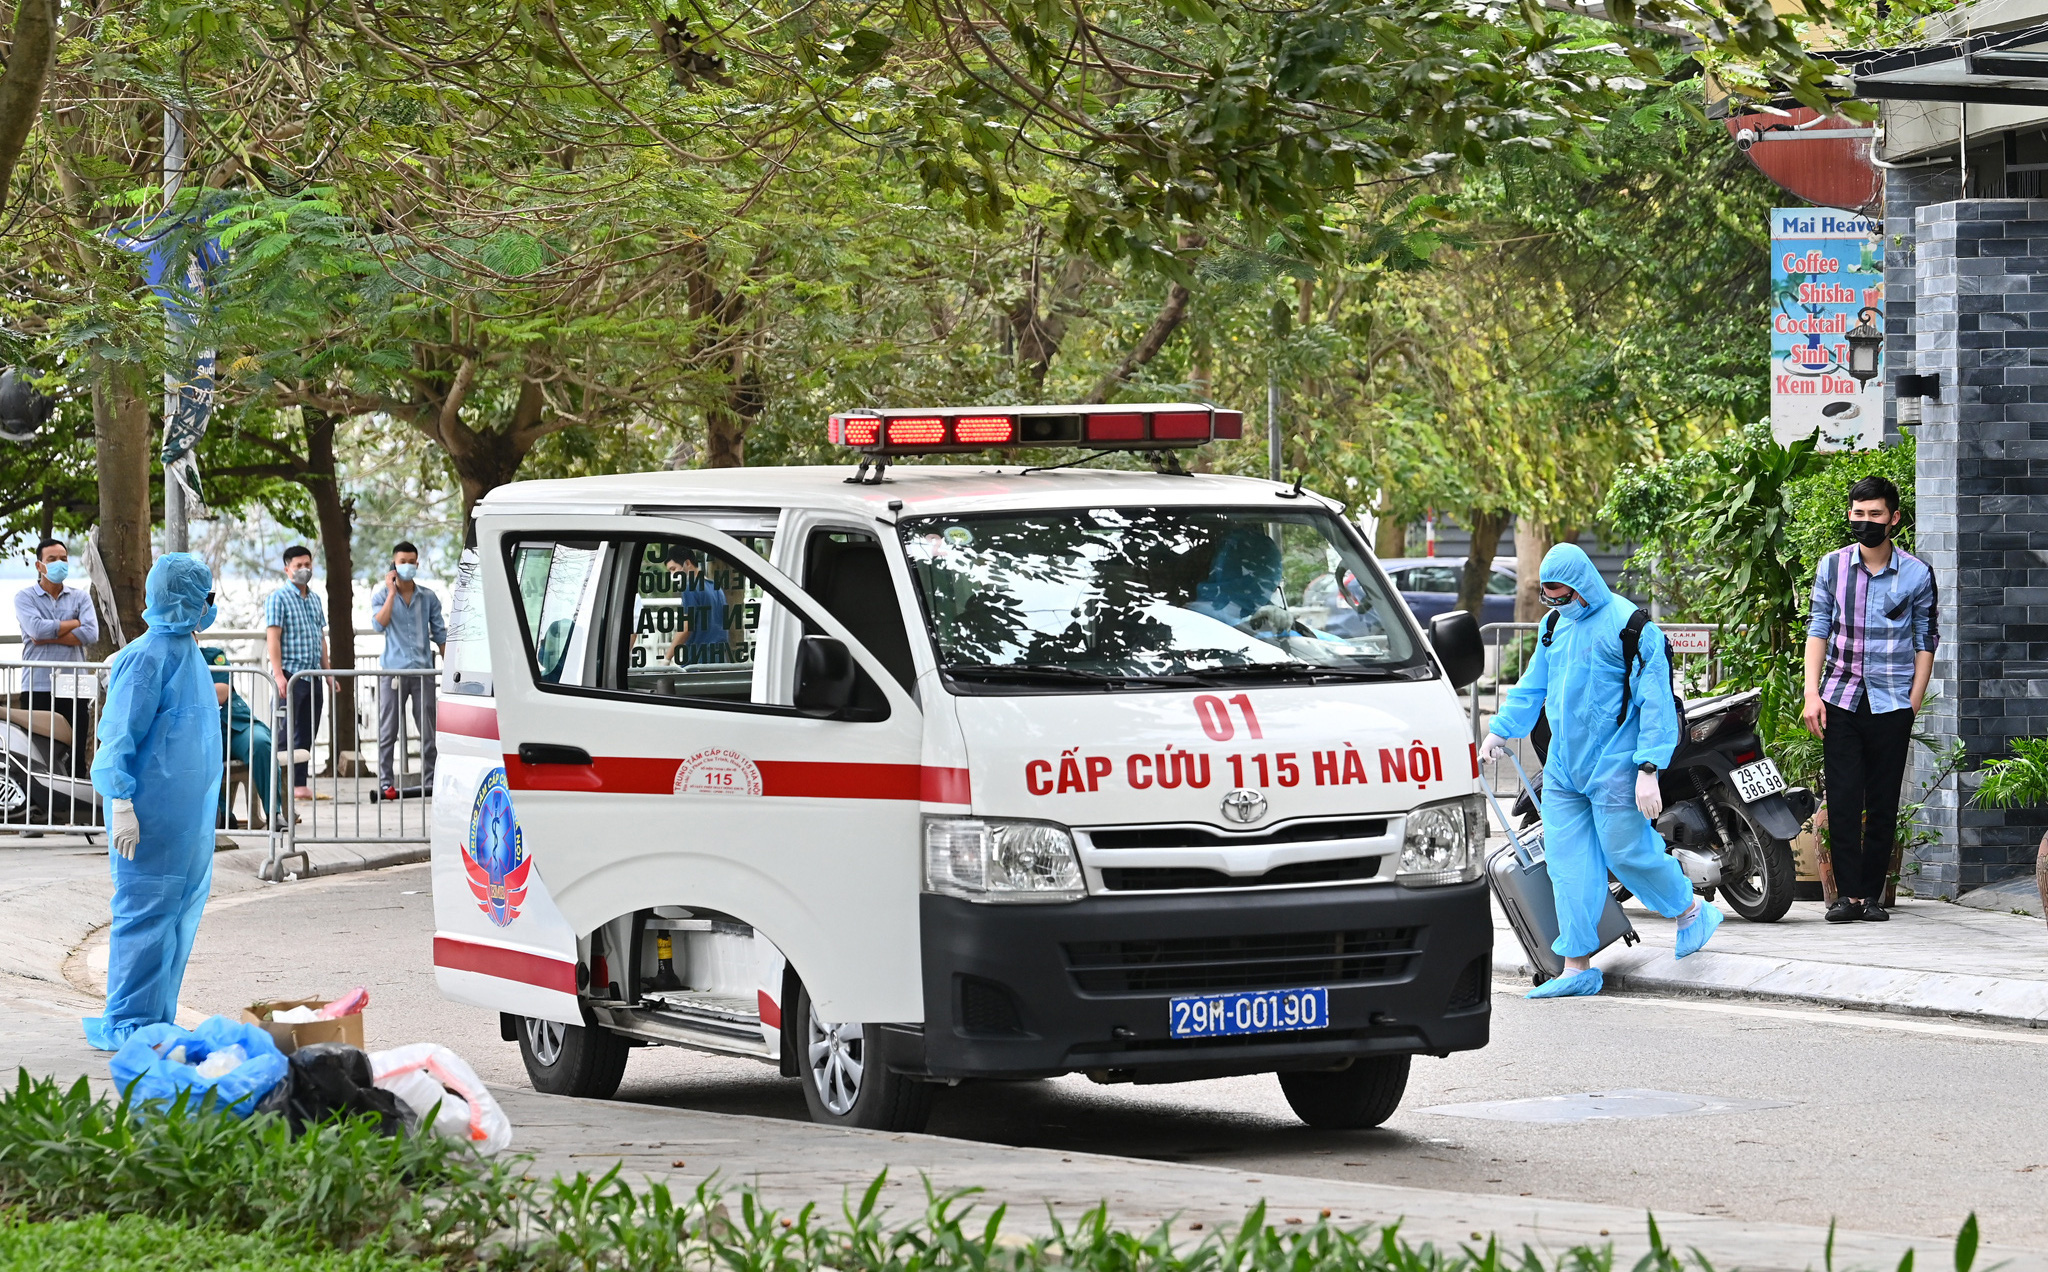 Cận cảnh quá trình phun khử khuẩn nơi ở của người nước ngoài dương tính SARS-COV-2 tại Hà Nội